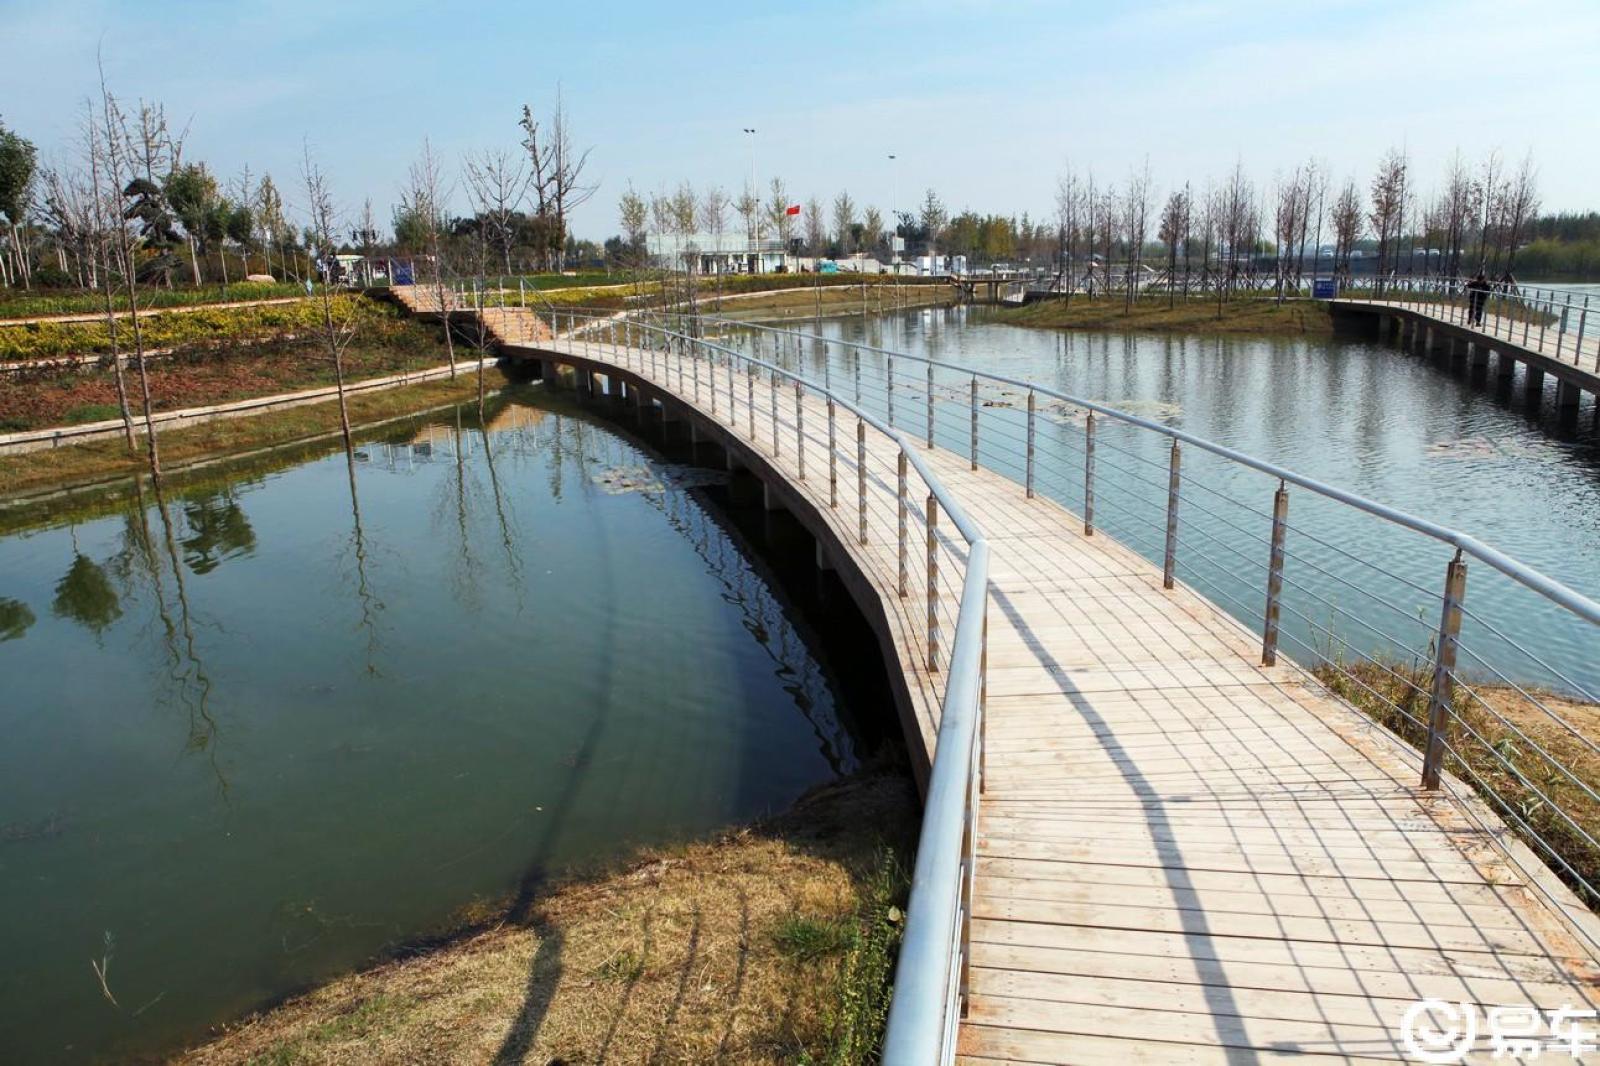 【中原金秋,易很精彩】昔日荒芜地,如今绿隐长堤锦绣运河